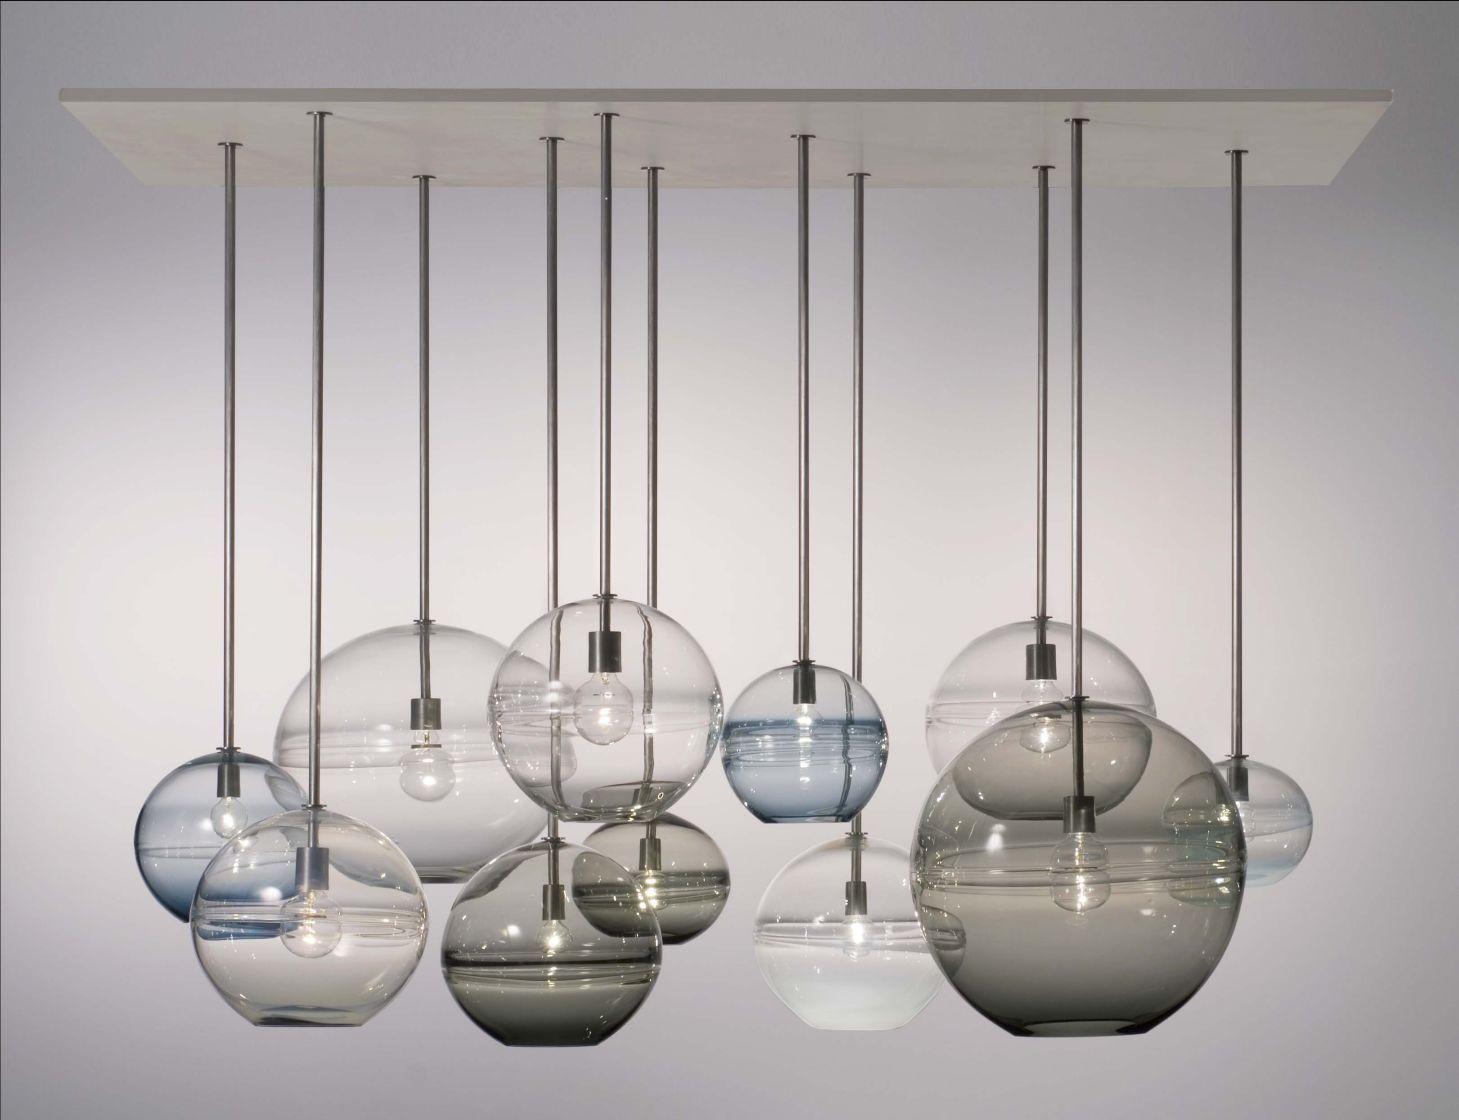 blown glass lighting. Glass Light Artist - Google Search Blown Lighting E